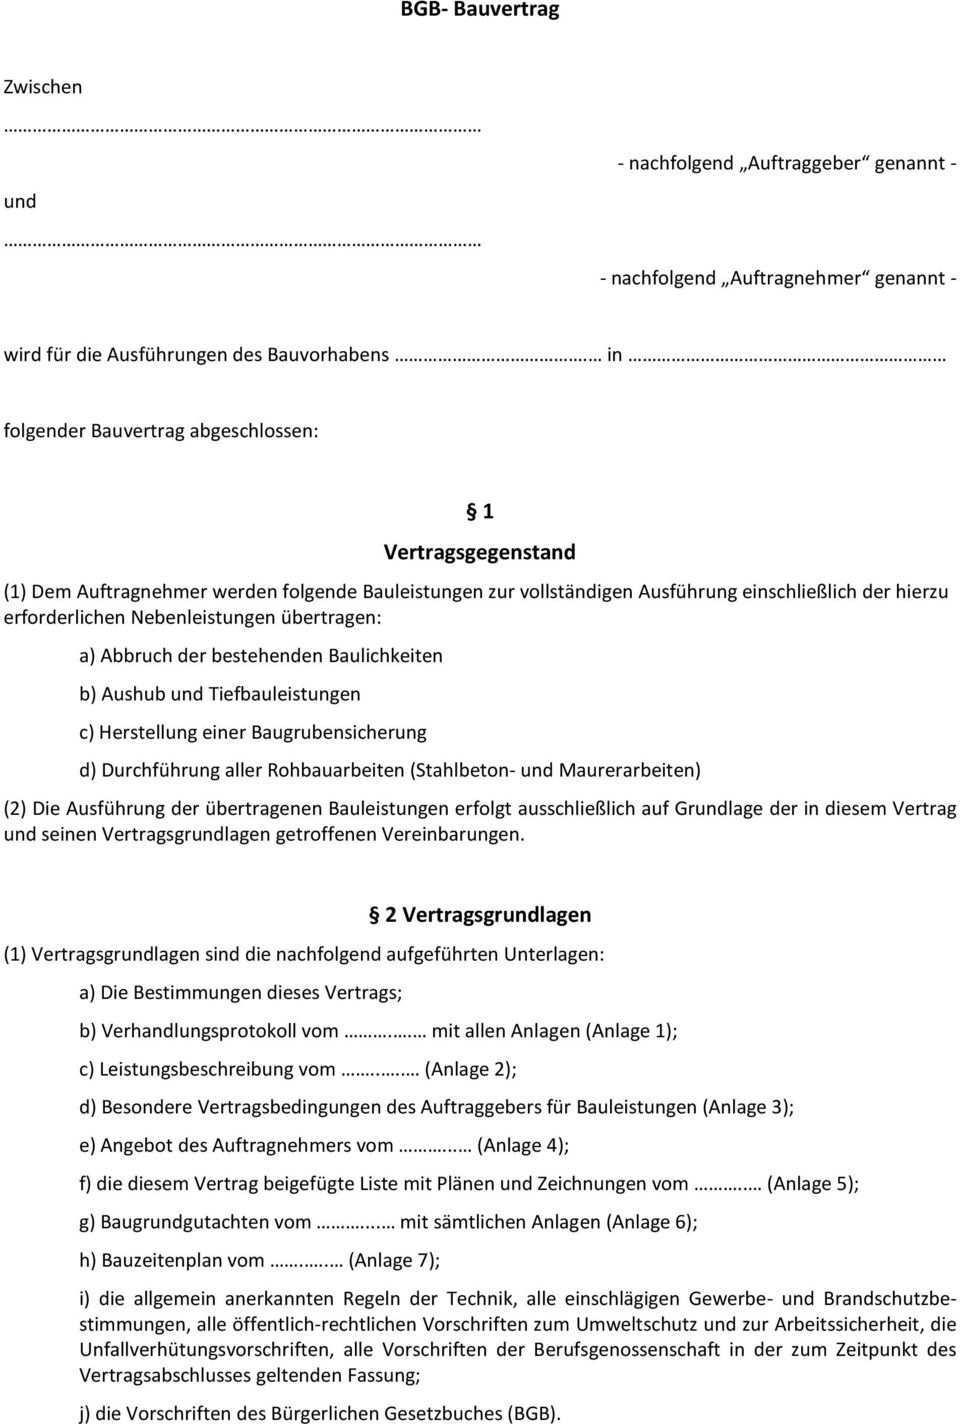 Mustervertrag Bauvertrag Gem Bgb Pauschalpreis Pdf Kostenfreier Download